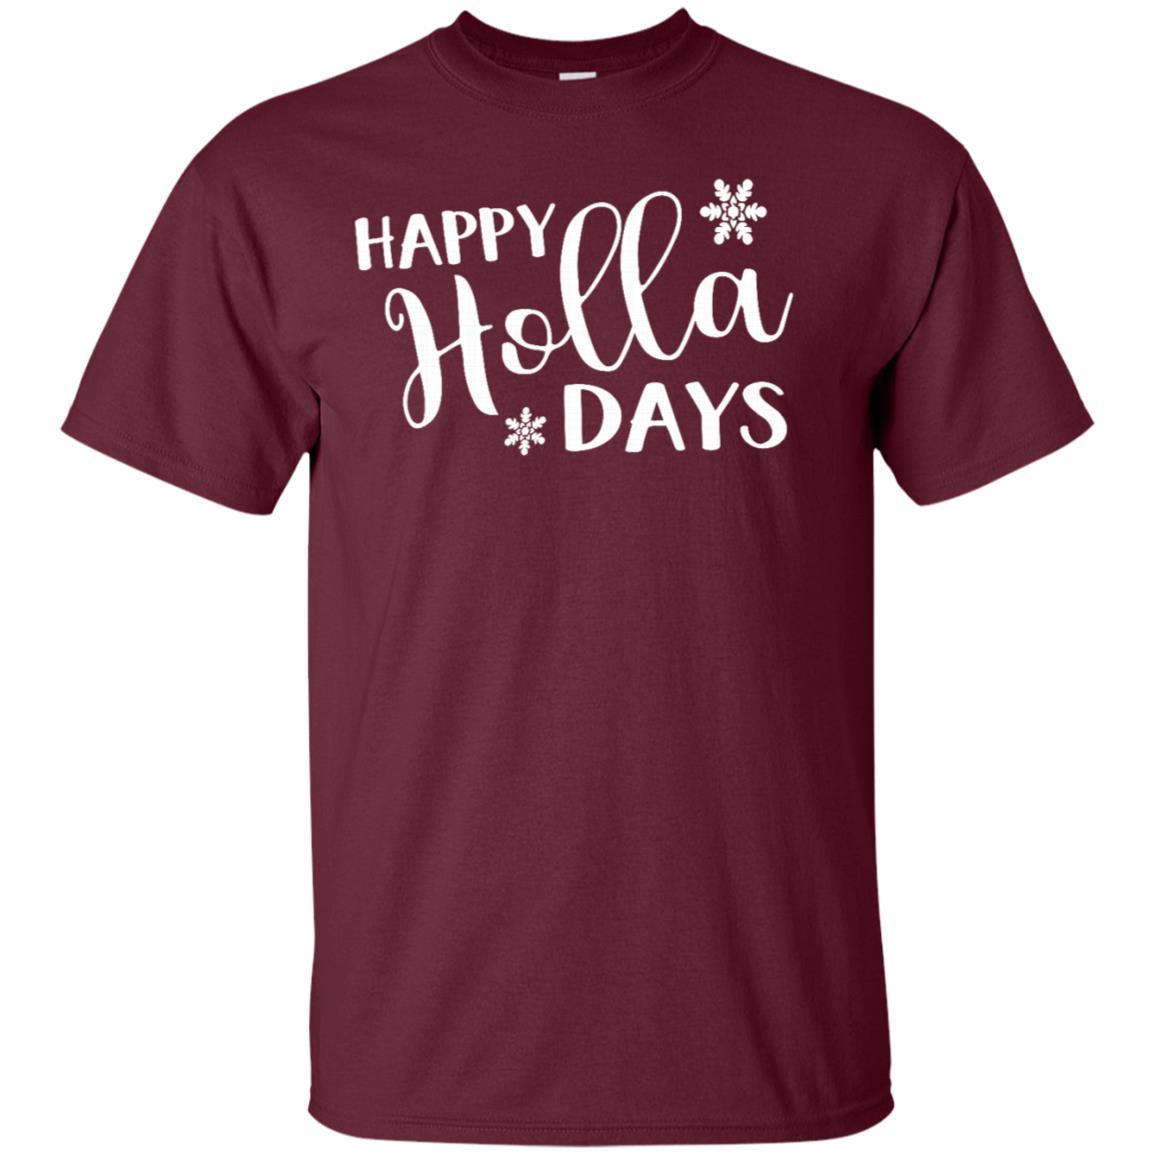 Happy Holla Days Unisex Short Sleeve